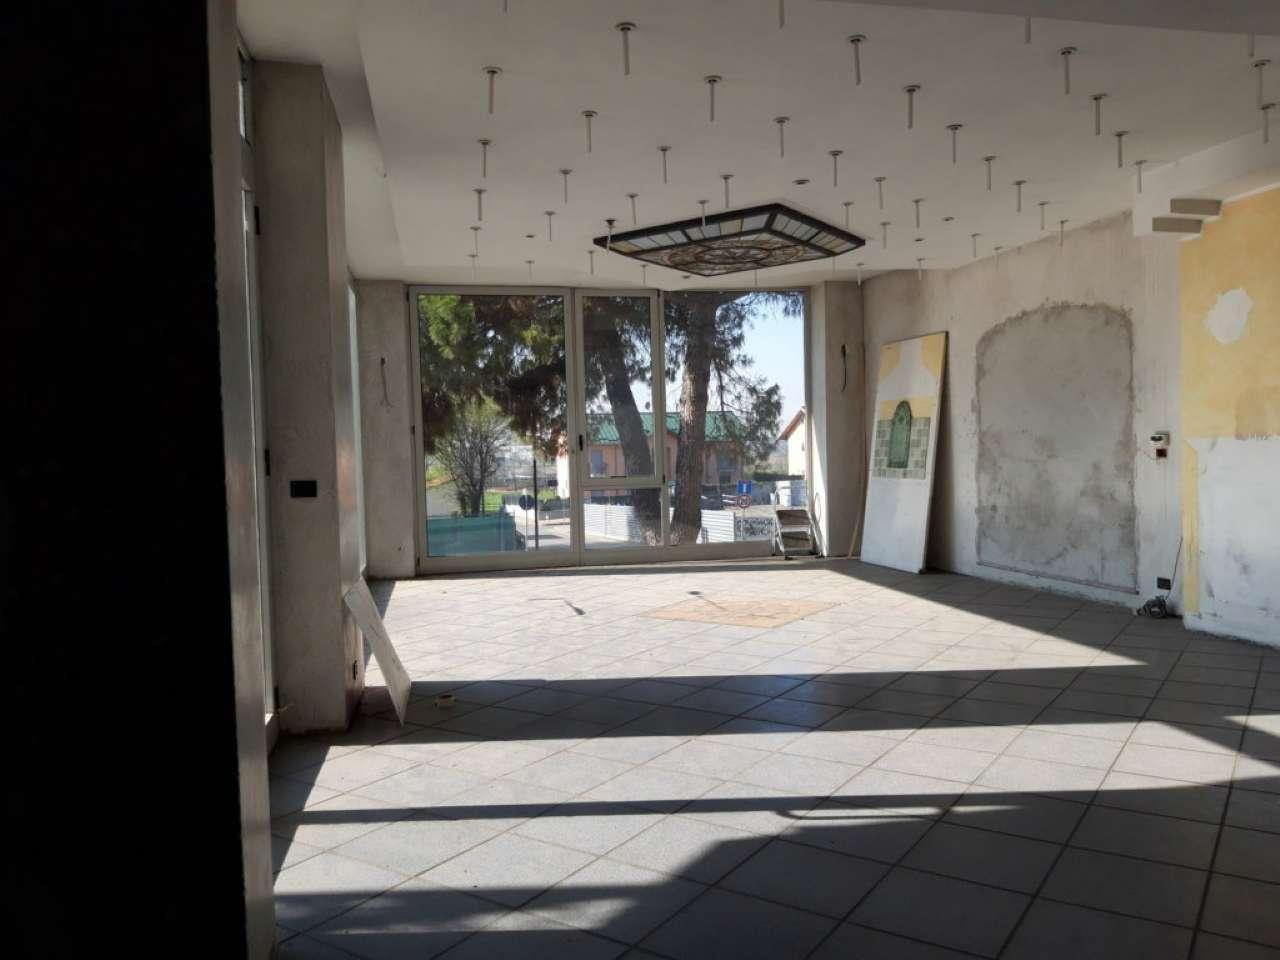 Negozio / Locale in affitto a Moncalieri, 10 locali, prezzo € 3.800 | CambioCasa.it